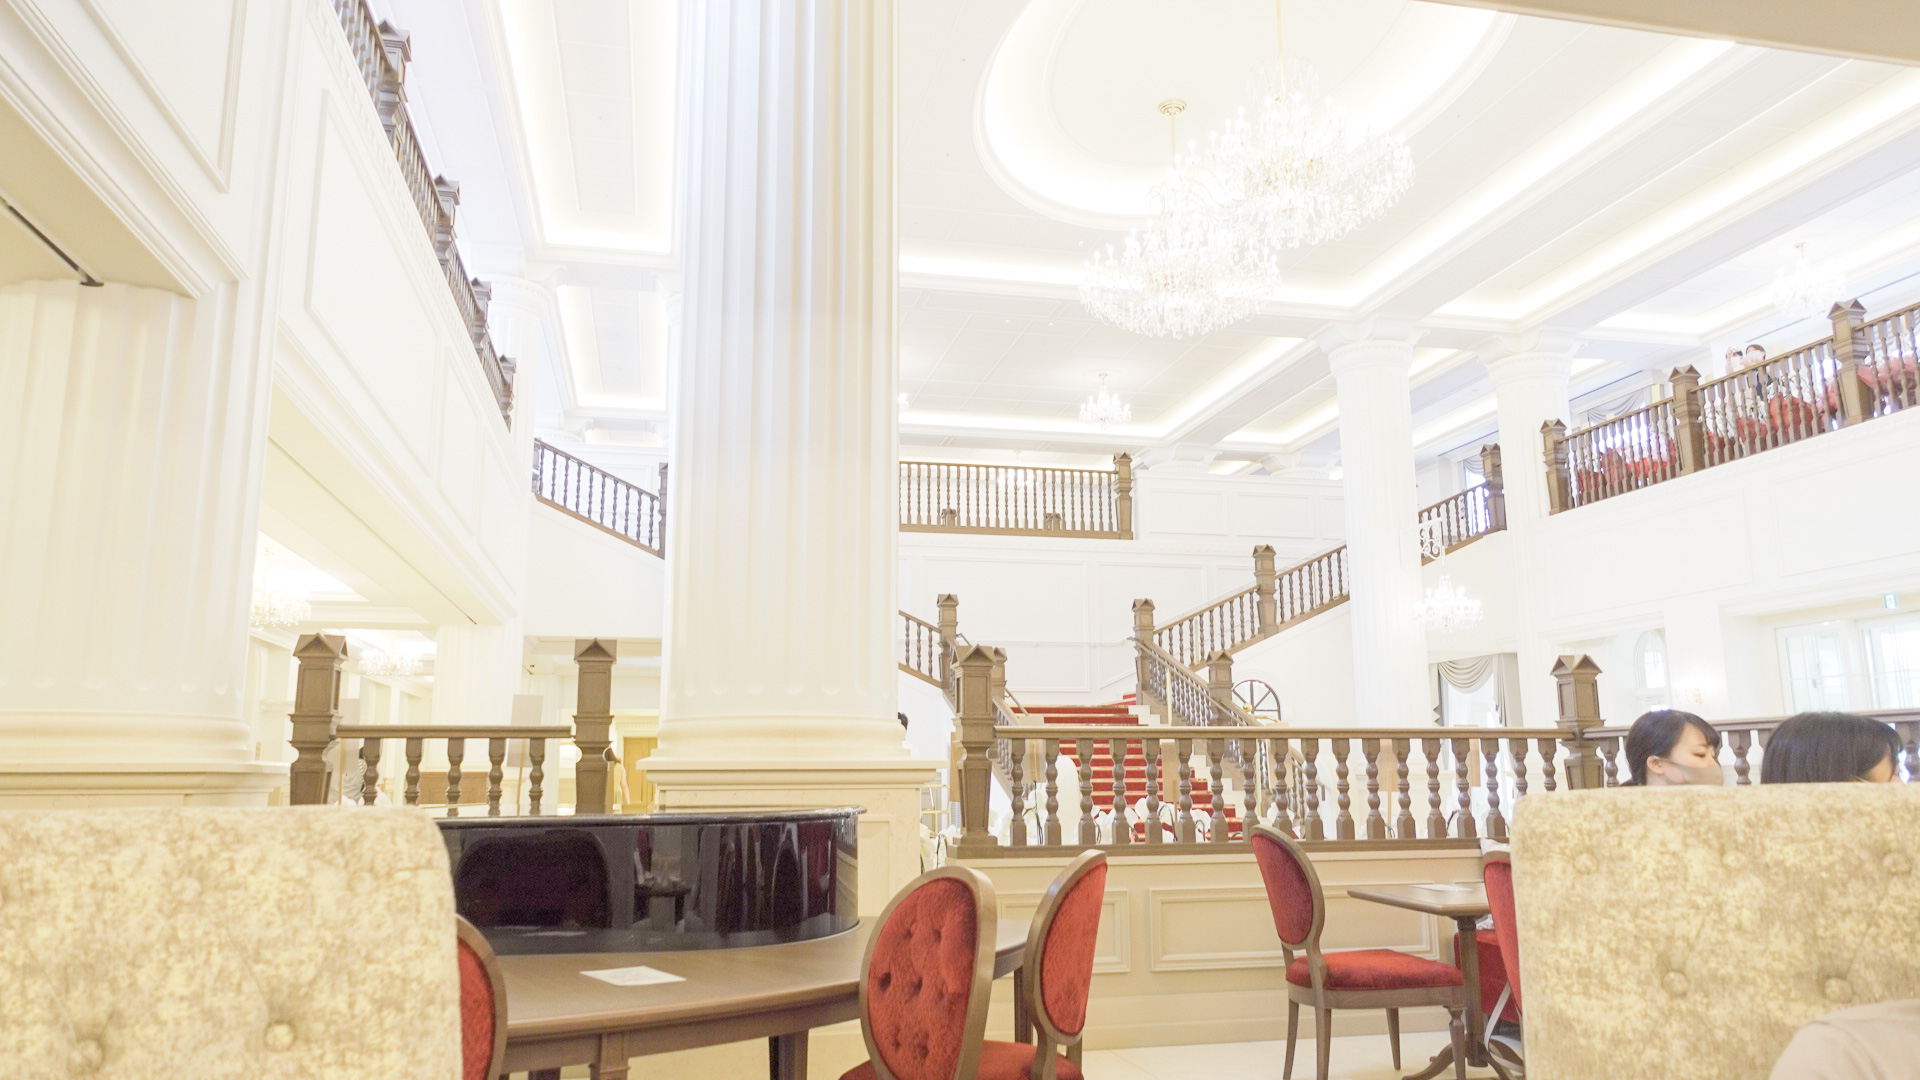 【兵庫宝塚】新しくなった『宝塚ホテル』のアフタヌーンティーにいってきました【アフタヌーンティ】Vlogつき_3